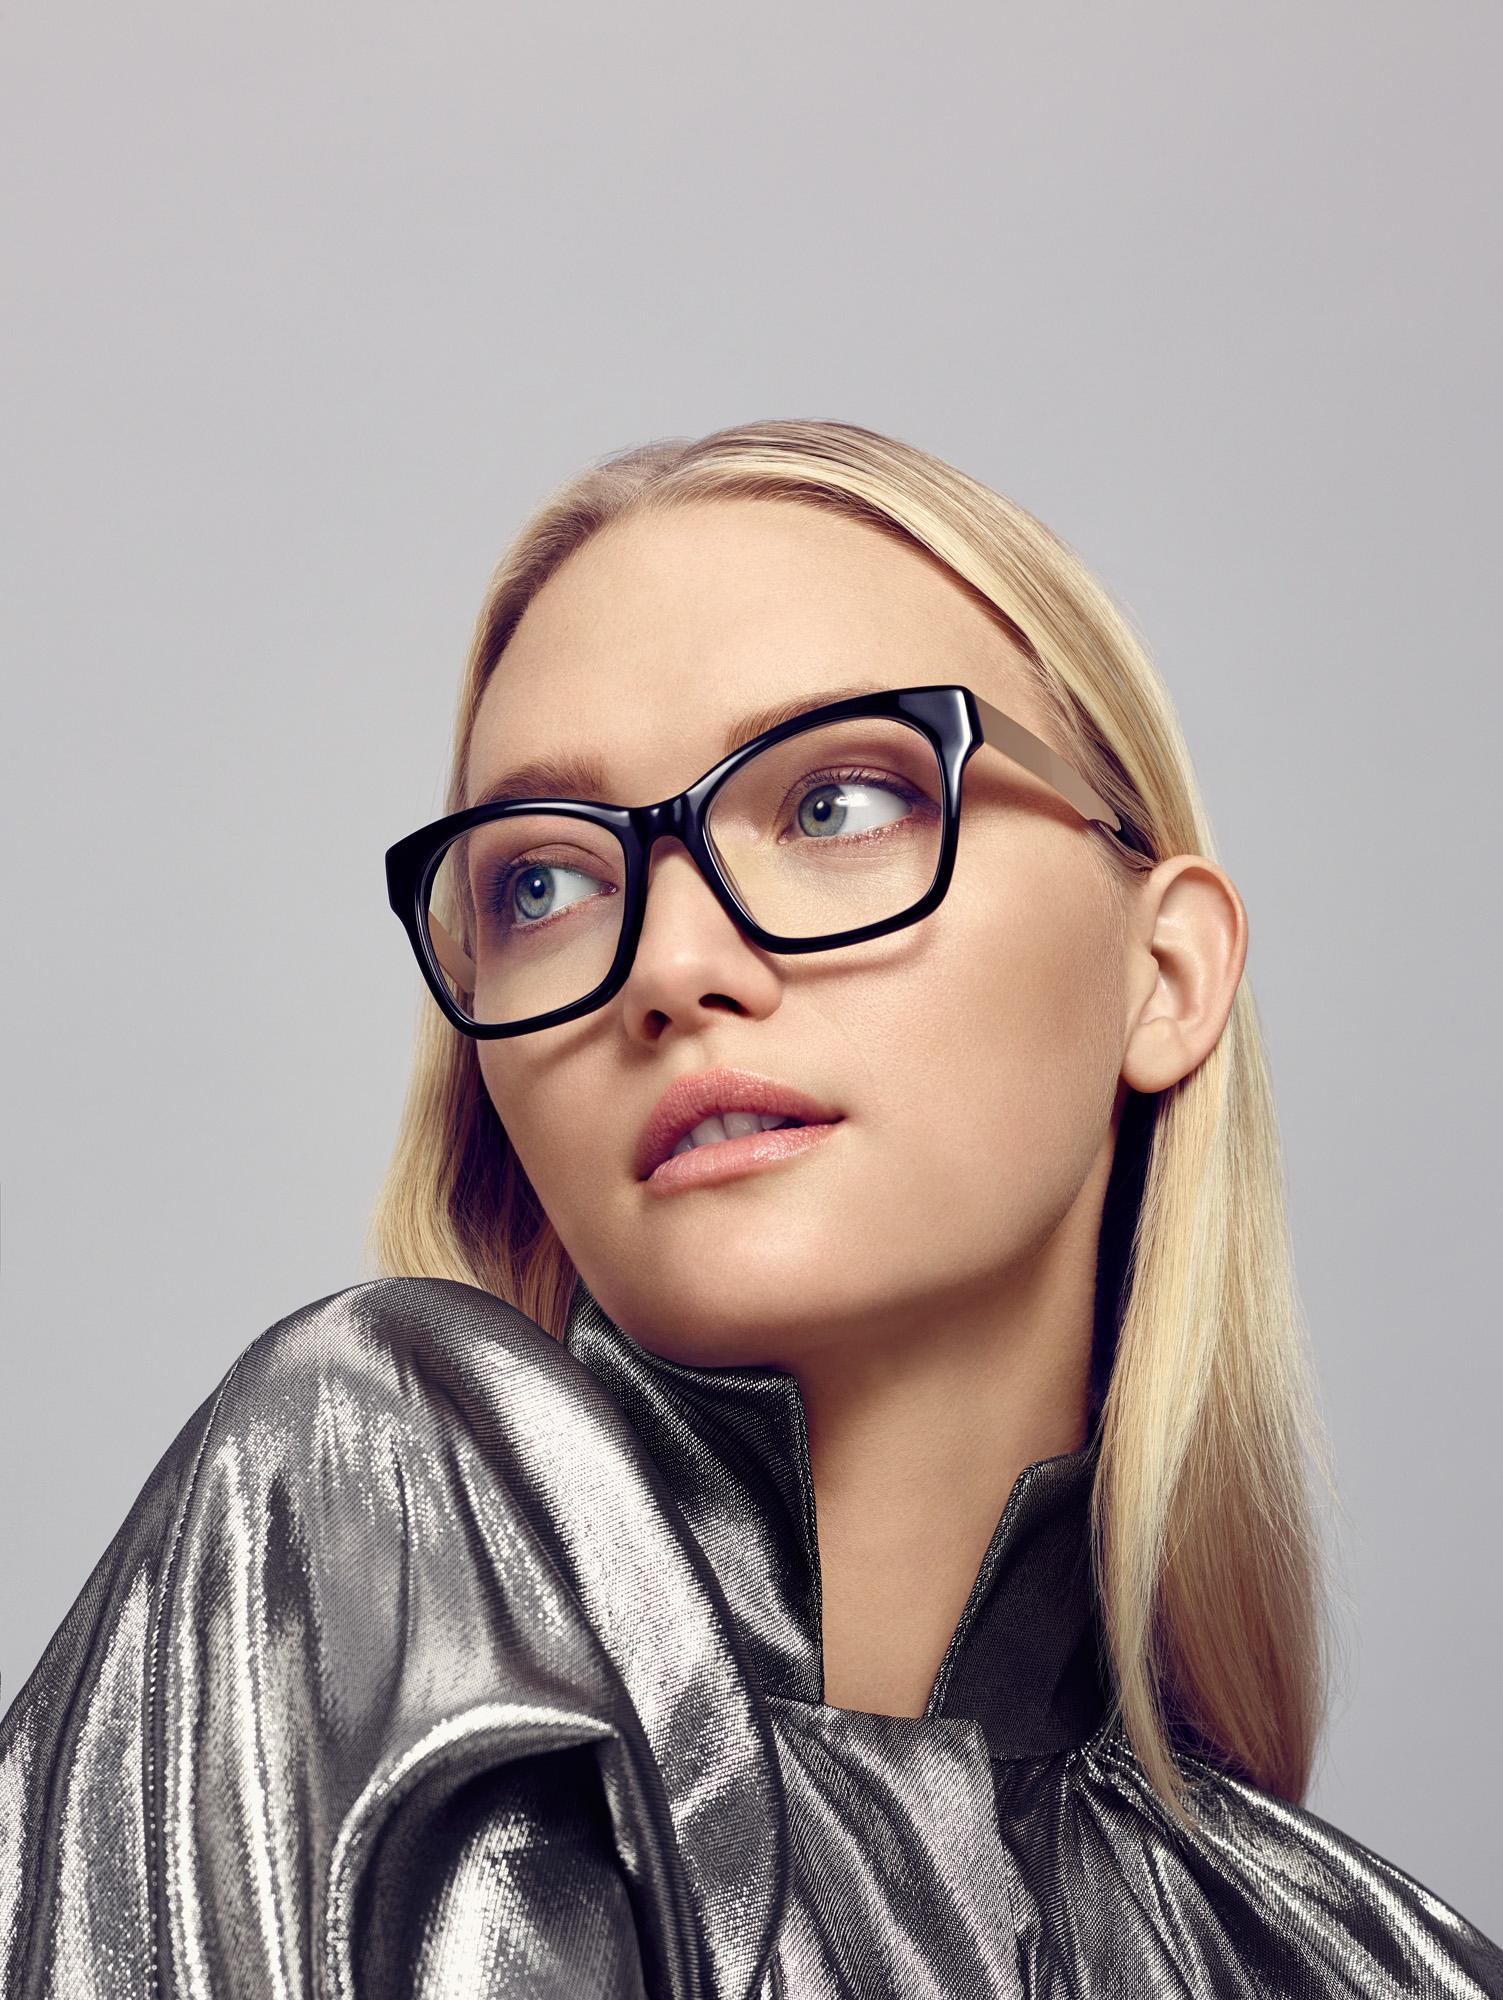 Gemma wears ELLERY 02 BLK glasses SKU 30474642 RRP 2 pairs from $299